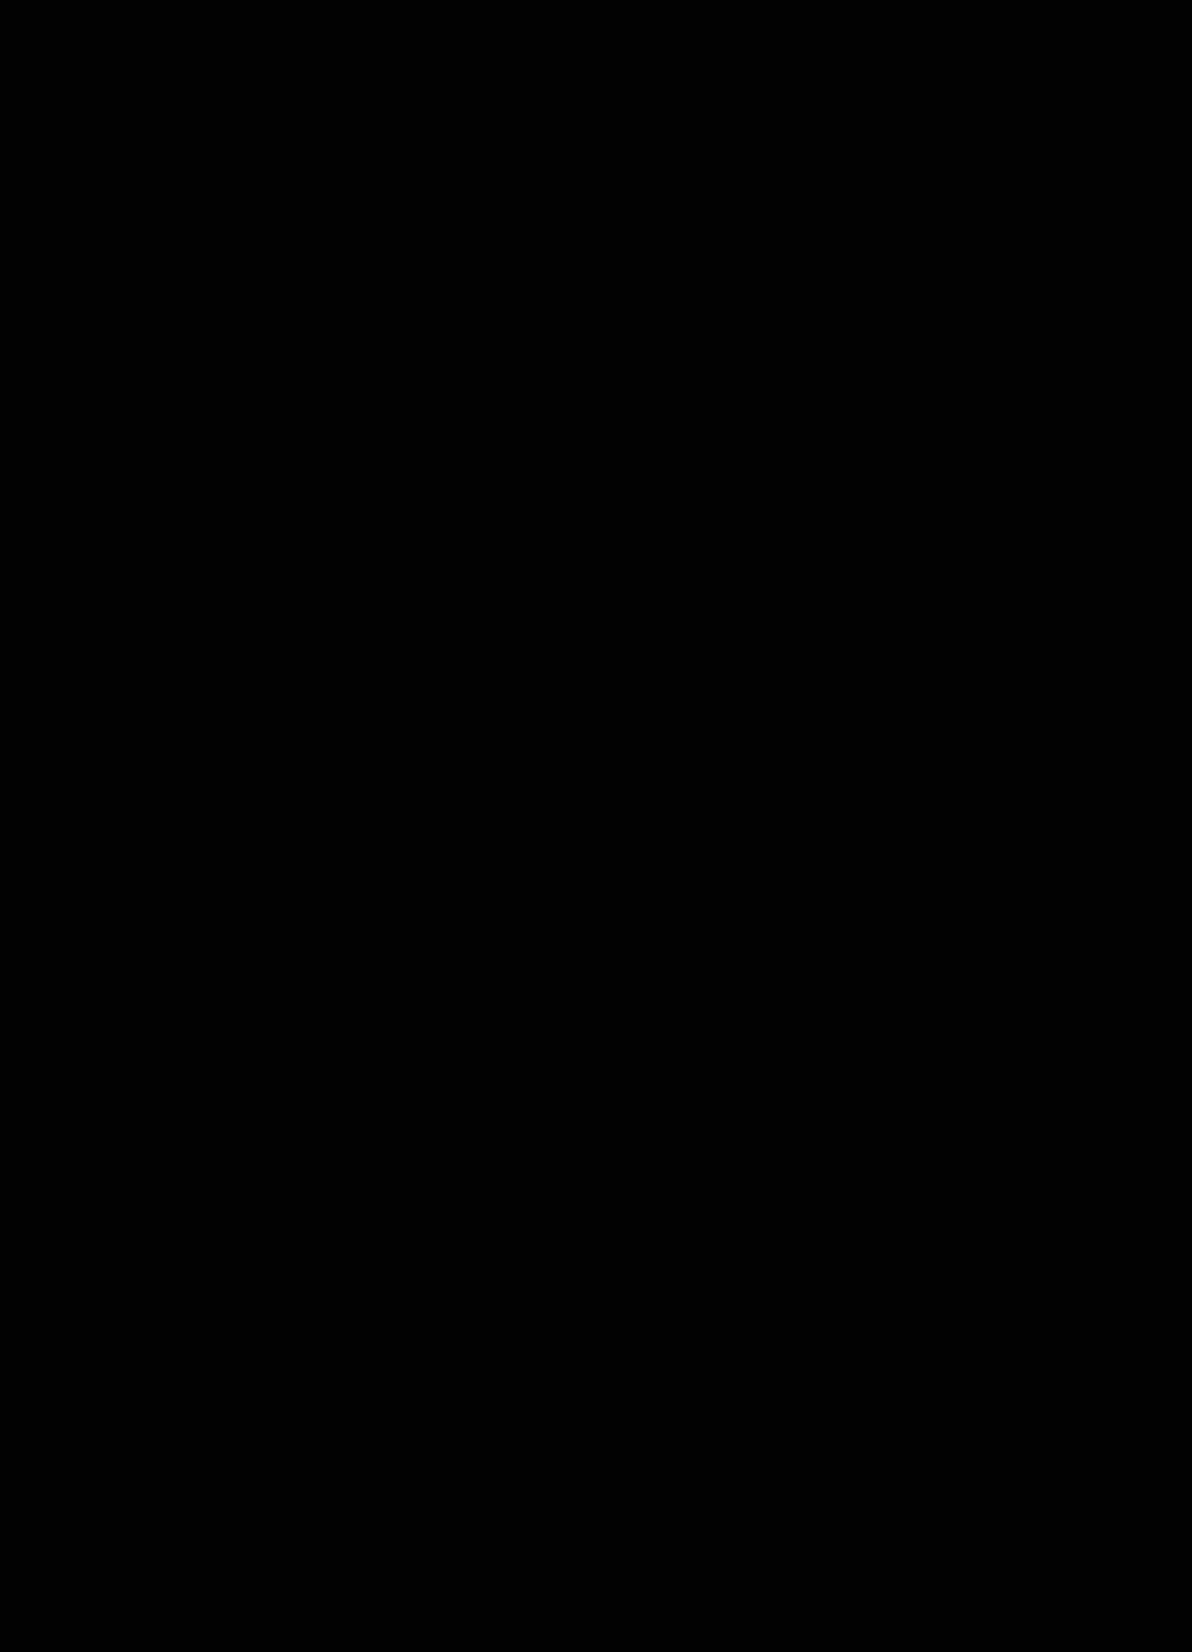 氯甲酸三氯甲酯法合成DV_菊酰氯